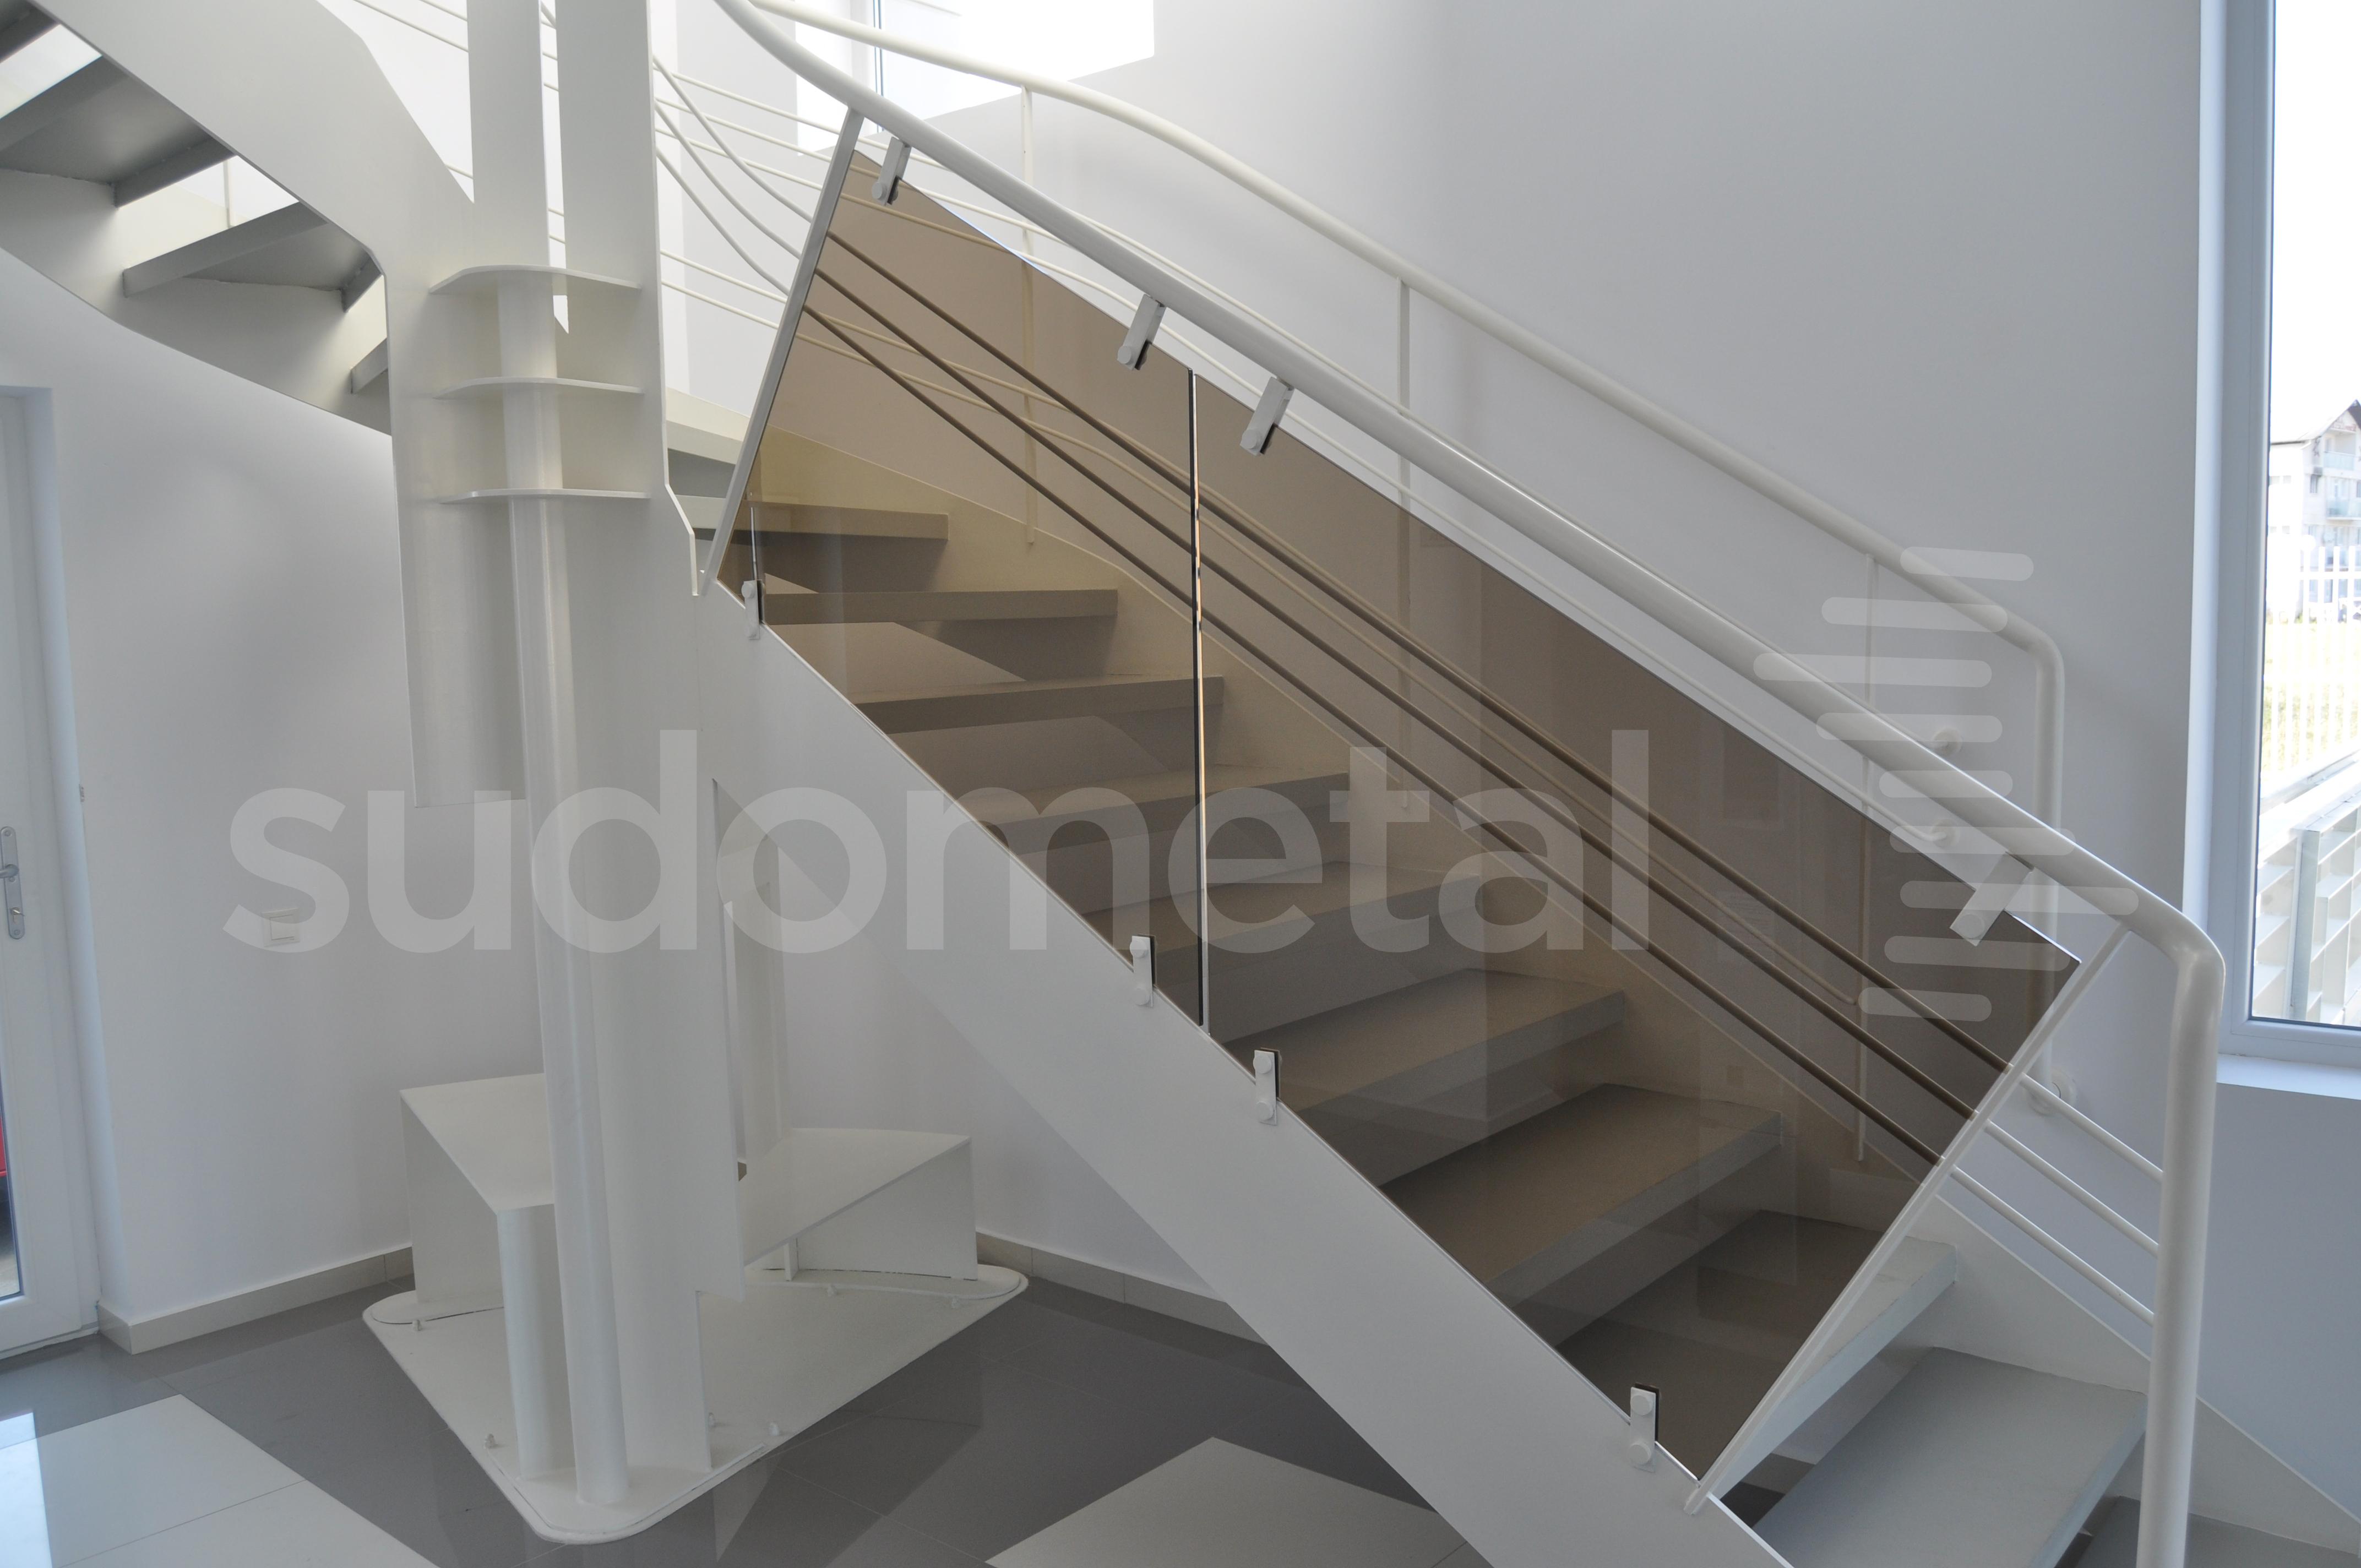 Scari cu vang lateral - Scara design showroom  SUDOMETAL - Poza 6